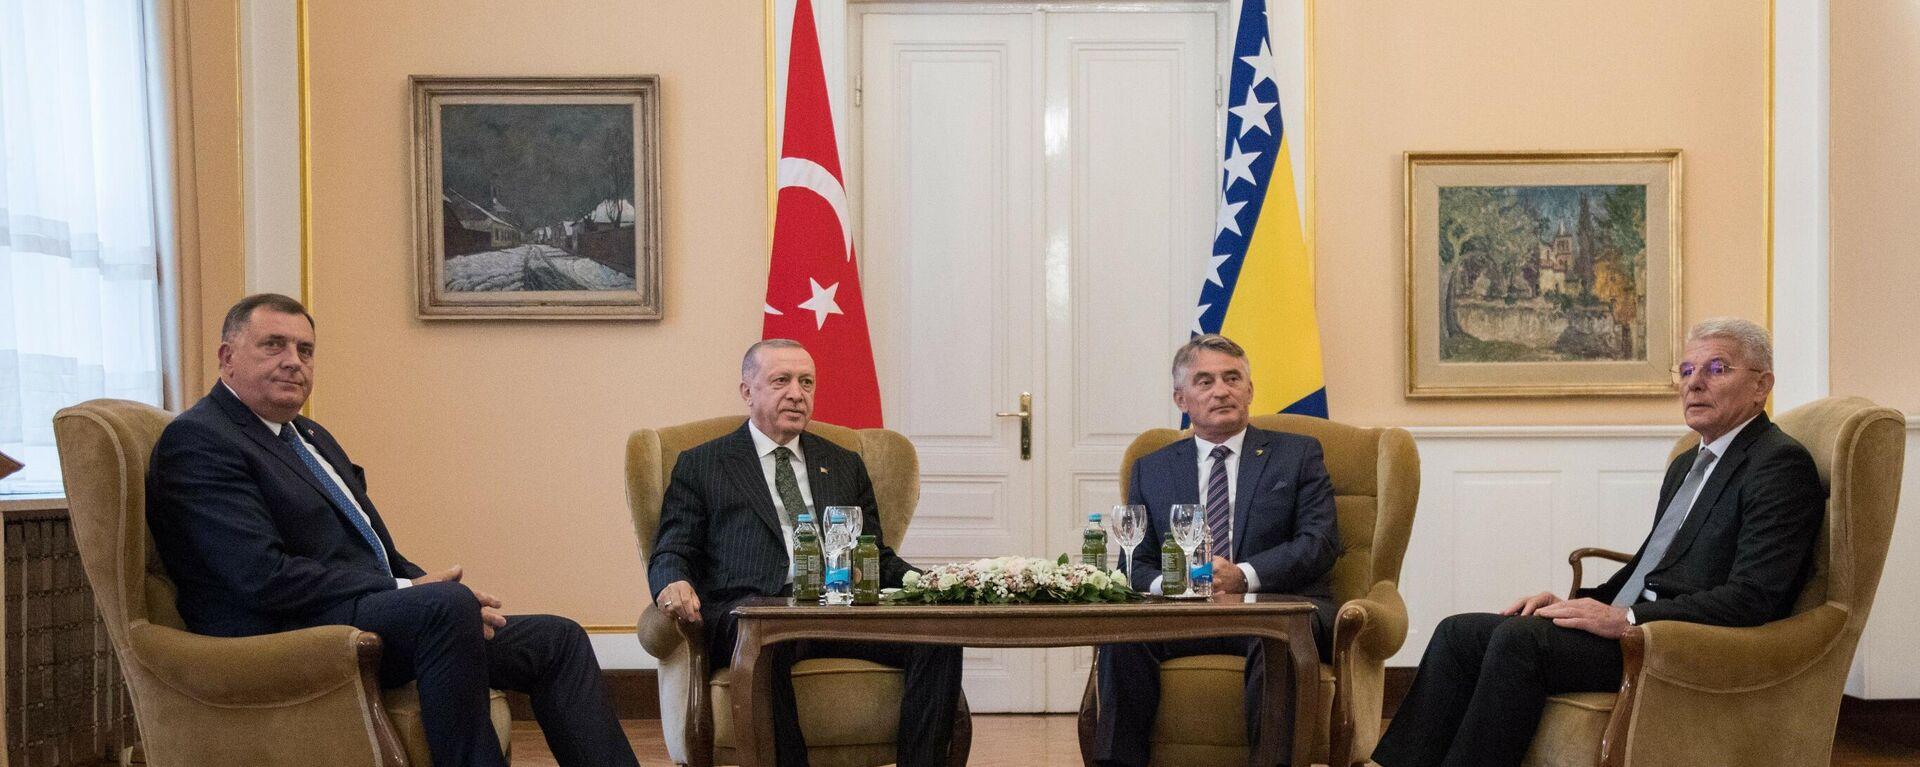 Predsednik Turske Redžep Tajip Erdogan na sastanku sa članovima Predsedništva BiH - Sputnik Srbija, 1920, 31.08.2021